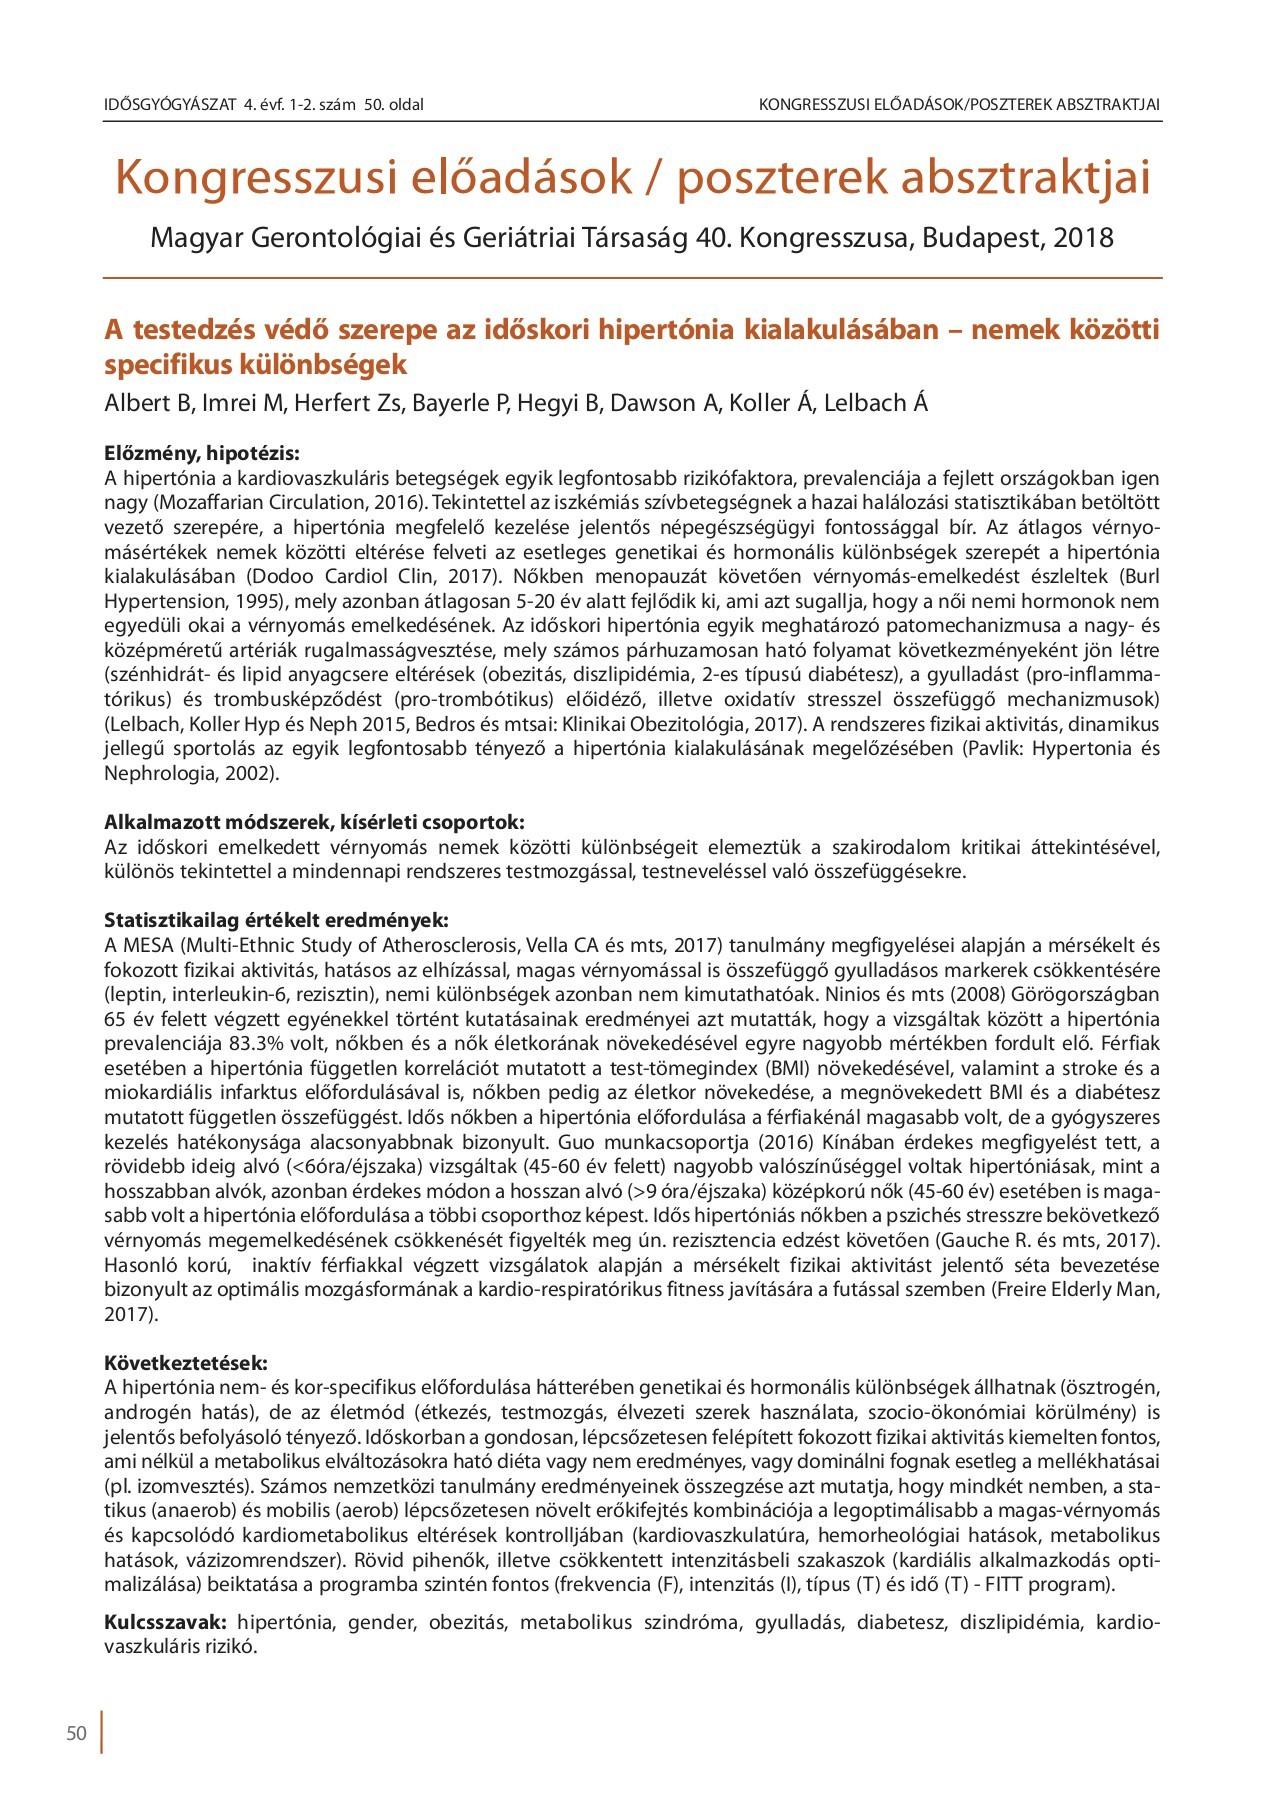 lipid anyagcsere és magas vérnyomás)